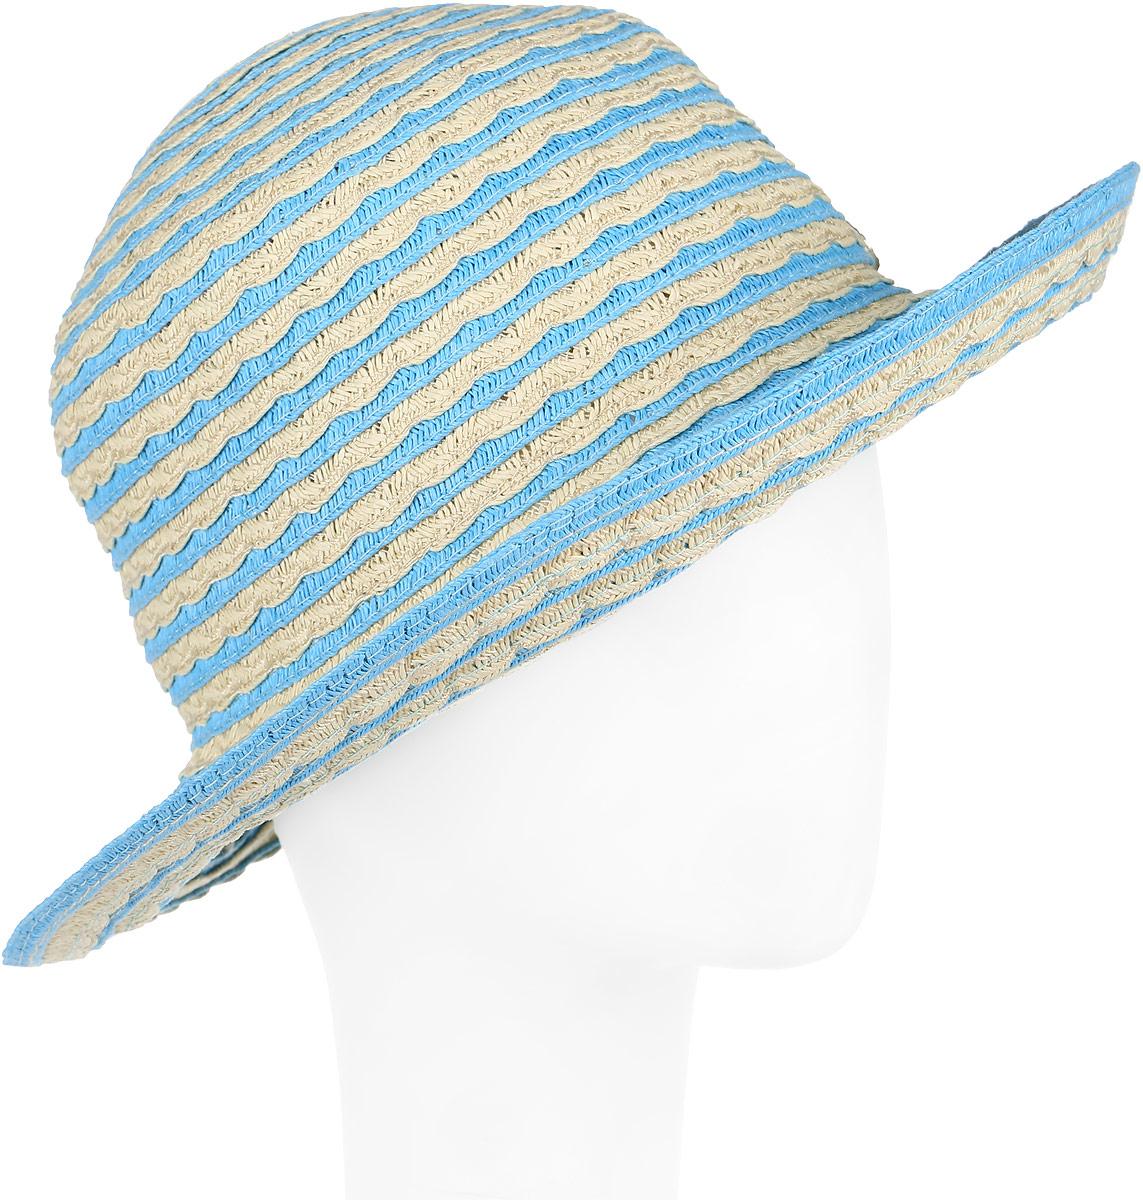 Шляпа женская Avanta, цвет: бежевый, голубой. 991942. Размер 55/56991942Стильная летняя шляпа Avanta, выполненная из бумаги с добавлением полиэстера, станет незаменимым аксессуаром для пляжа и отдыха на природе, и обеспечит надежную защиту головы от солнца. Шляпа оформлена плетением и сбоку металлической пластиной с кристаллами. Плетение шляпы обеспечивает необходимую вентиляцию и комфорт даже в самый знойный день. Такая шляпа подчеркнет вашу неповторимость и дополнит ваш повседневный образ.